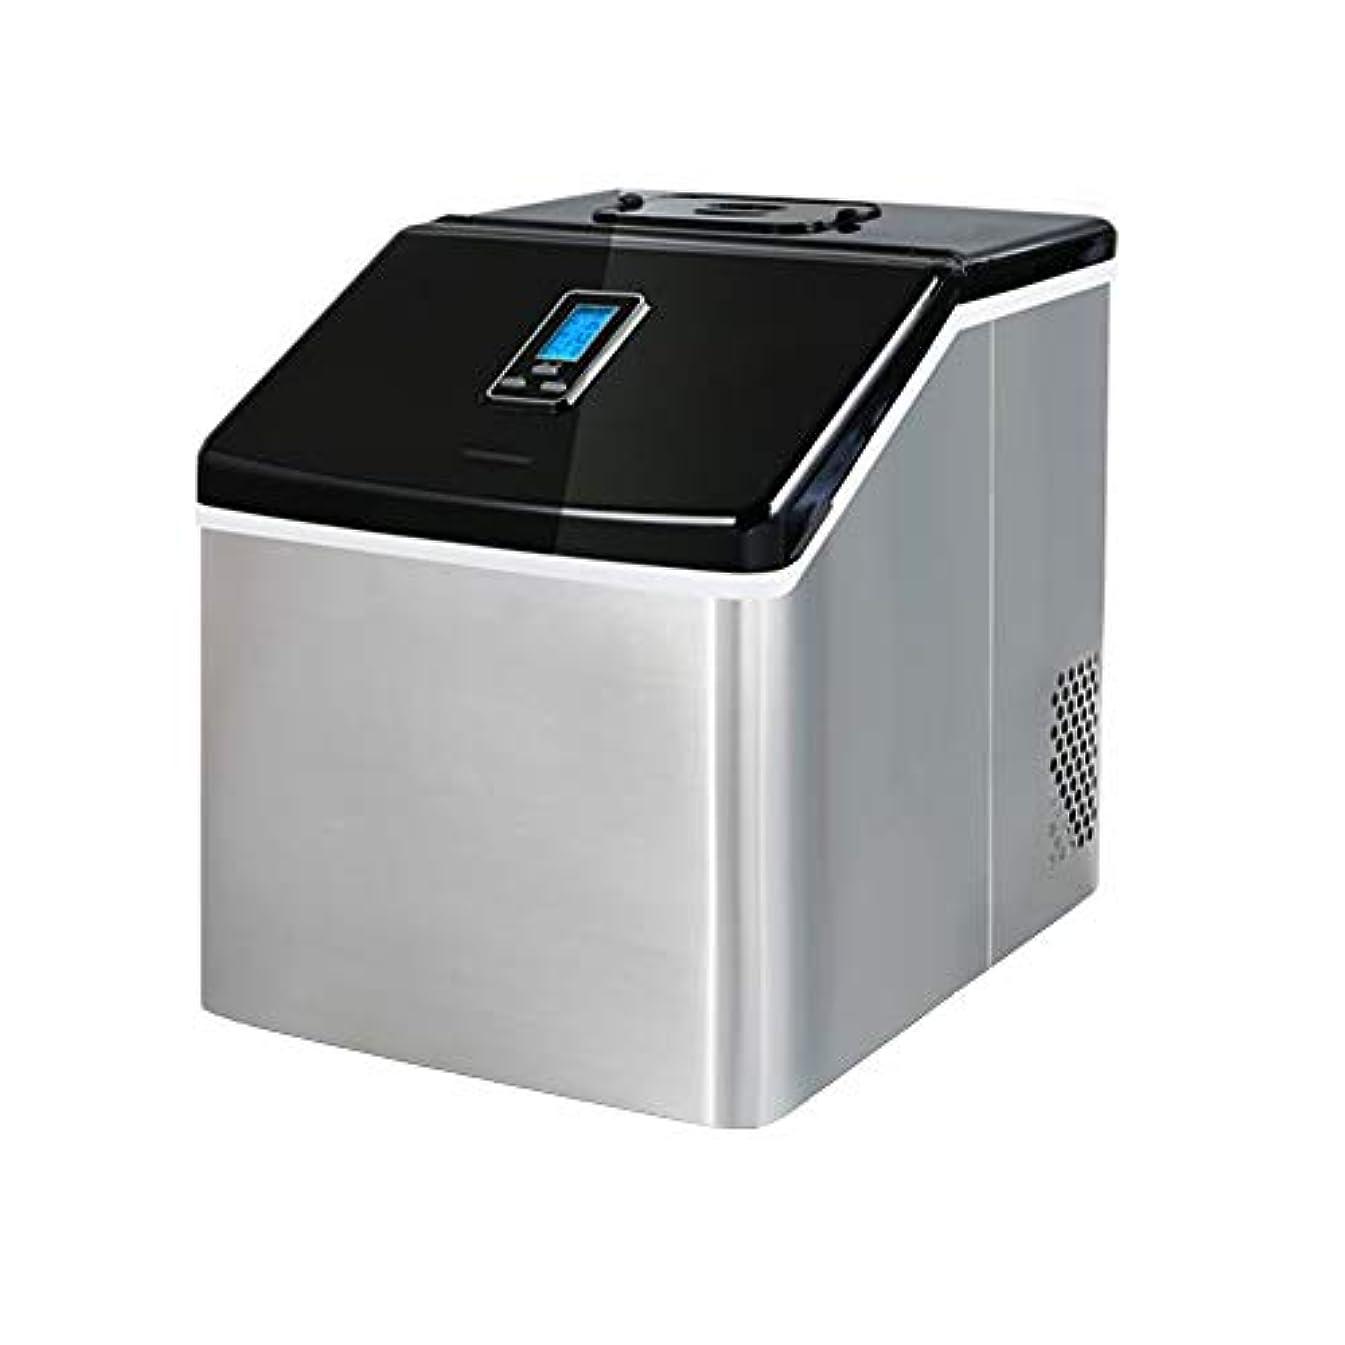 結婚する時系列細いXyanzi 自動製氷機 カウンタートップ製氷機、手動商業喫茶店バーホームバーデスクトップ小型アイスキューブ製氷機24アイスキューブ12?20分で準備ができている毎日55ポンド